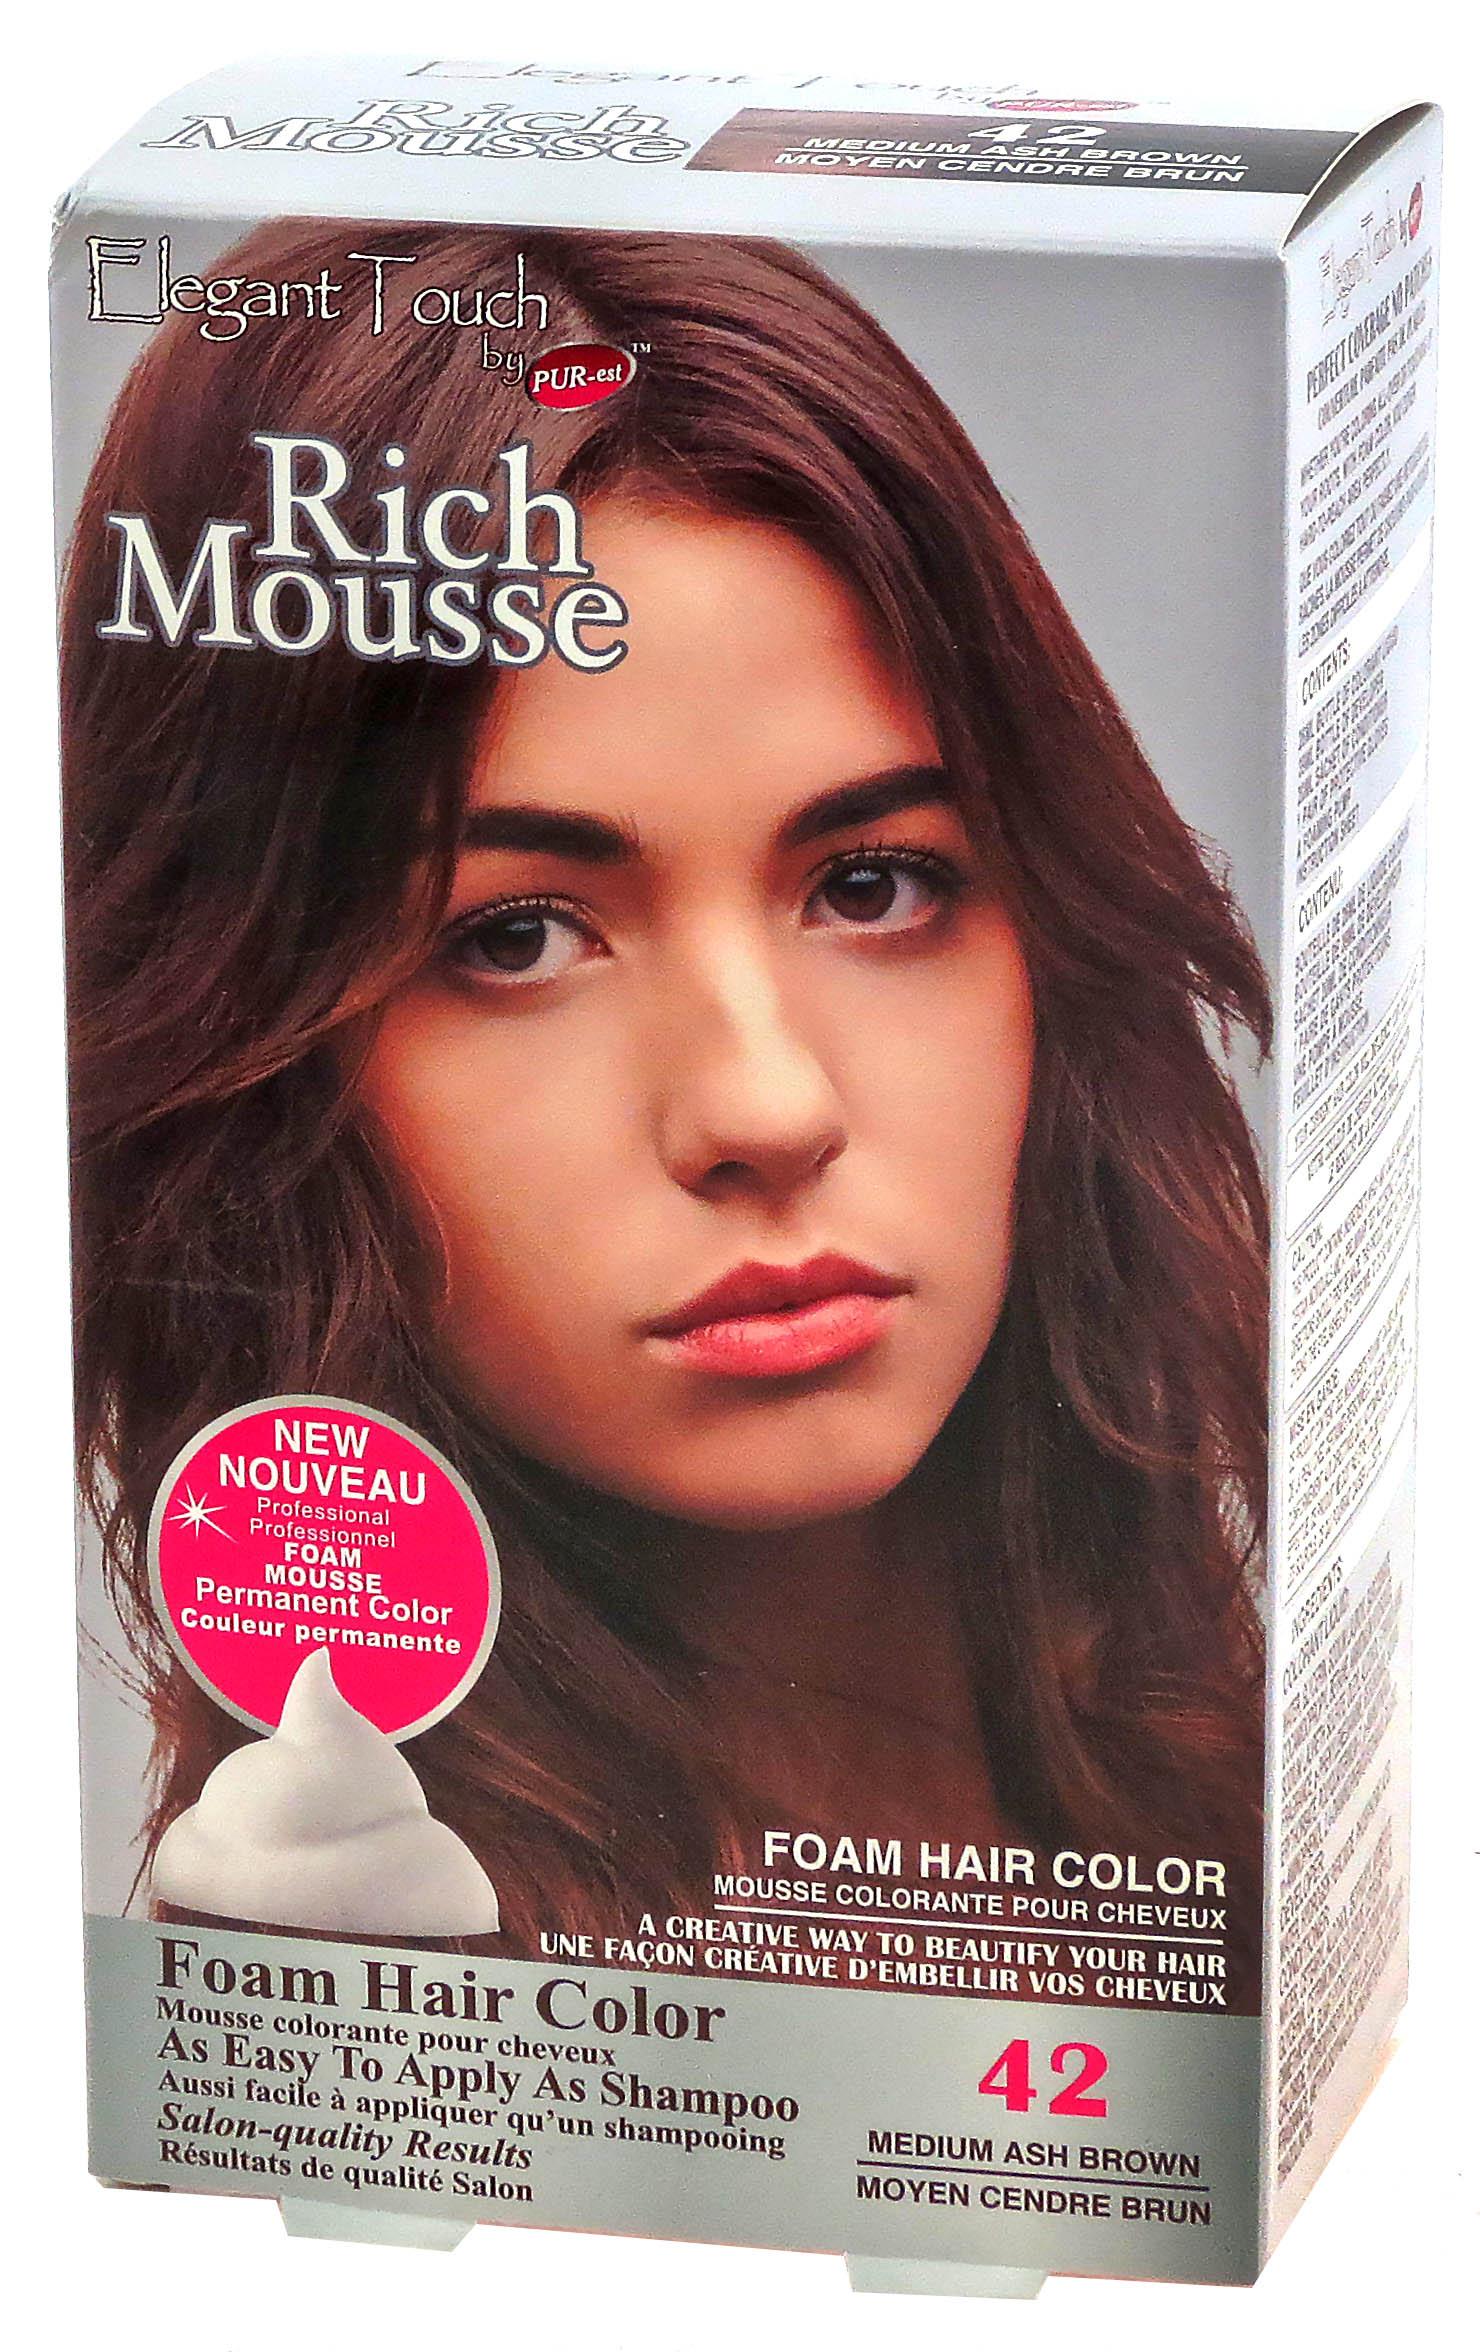 Foam Hair Color Rich Mousse Medium Ash Brown #42, Elegant Touch by PUR-est